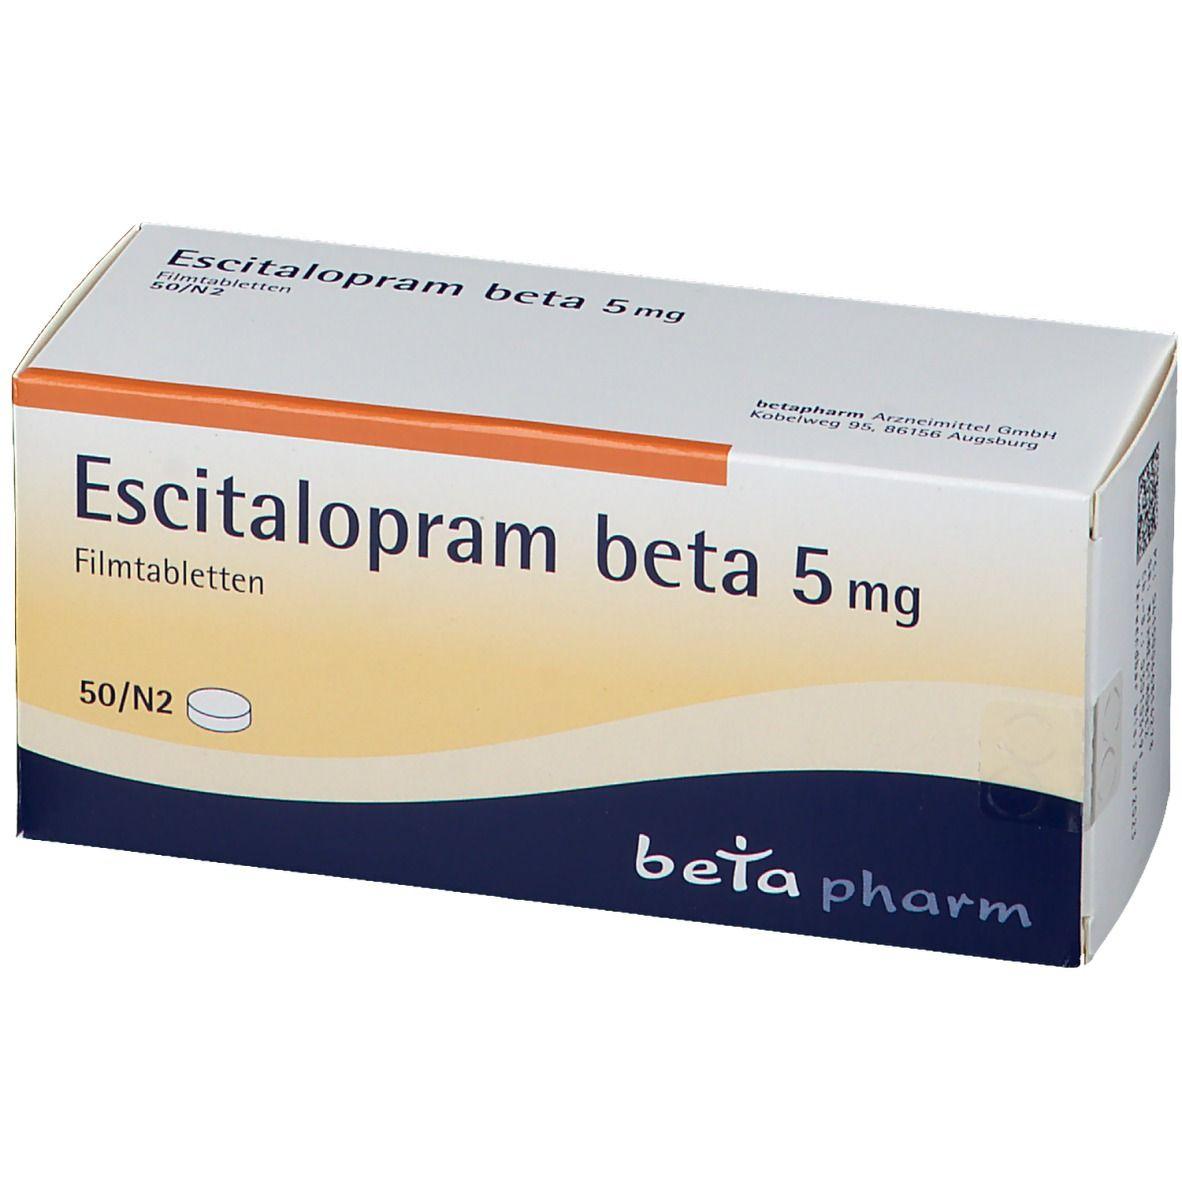 ESCITALOPRAM BETA 5MG